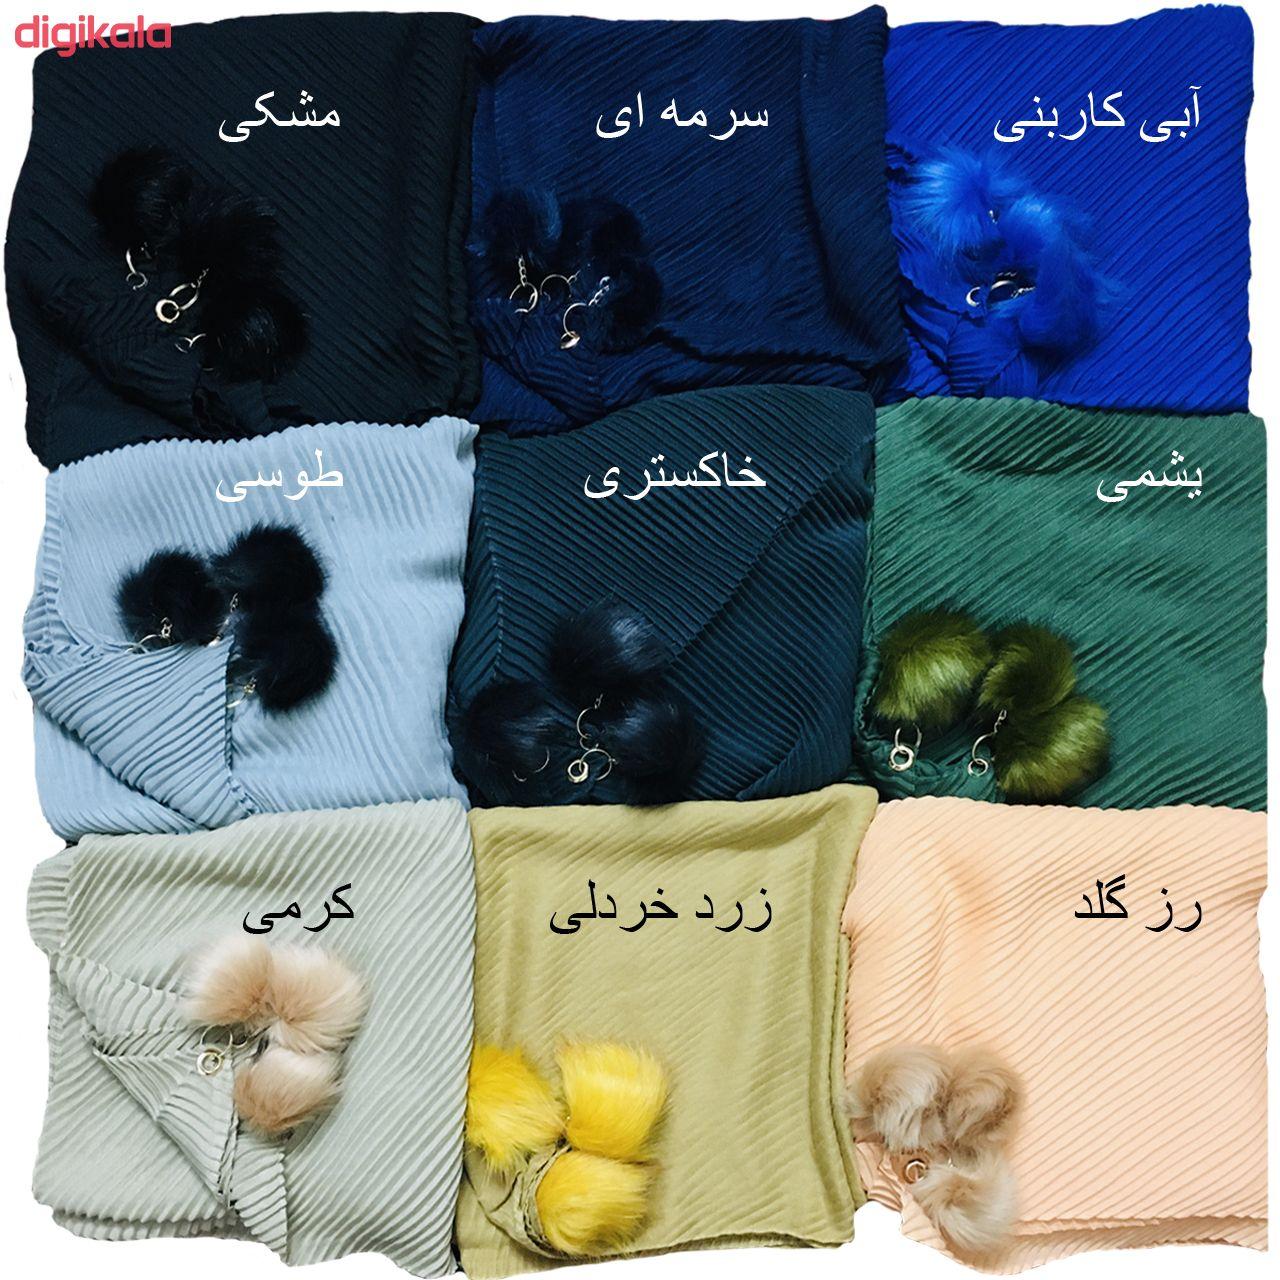 روسری زنانه کد 0206 main 1 2